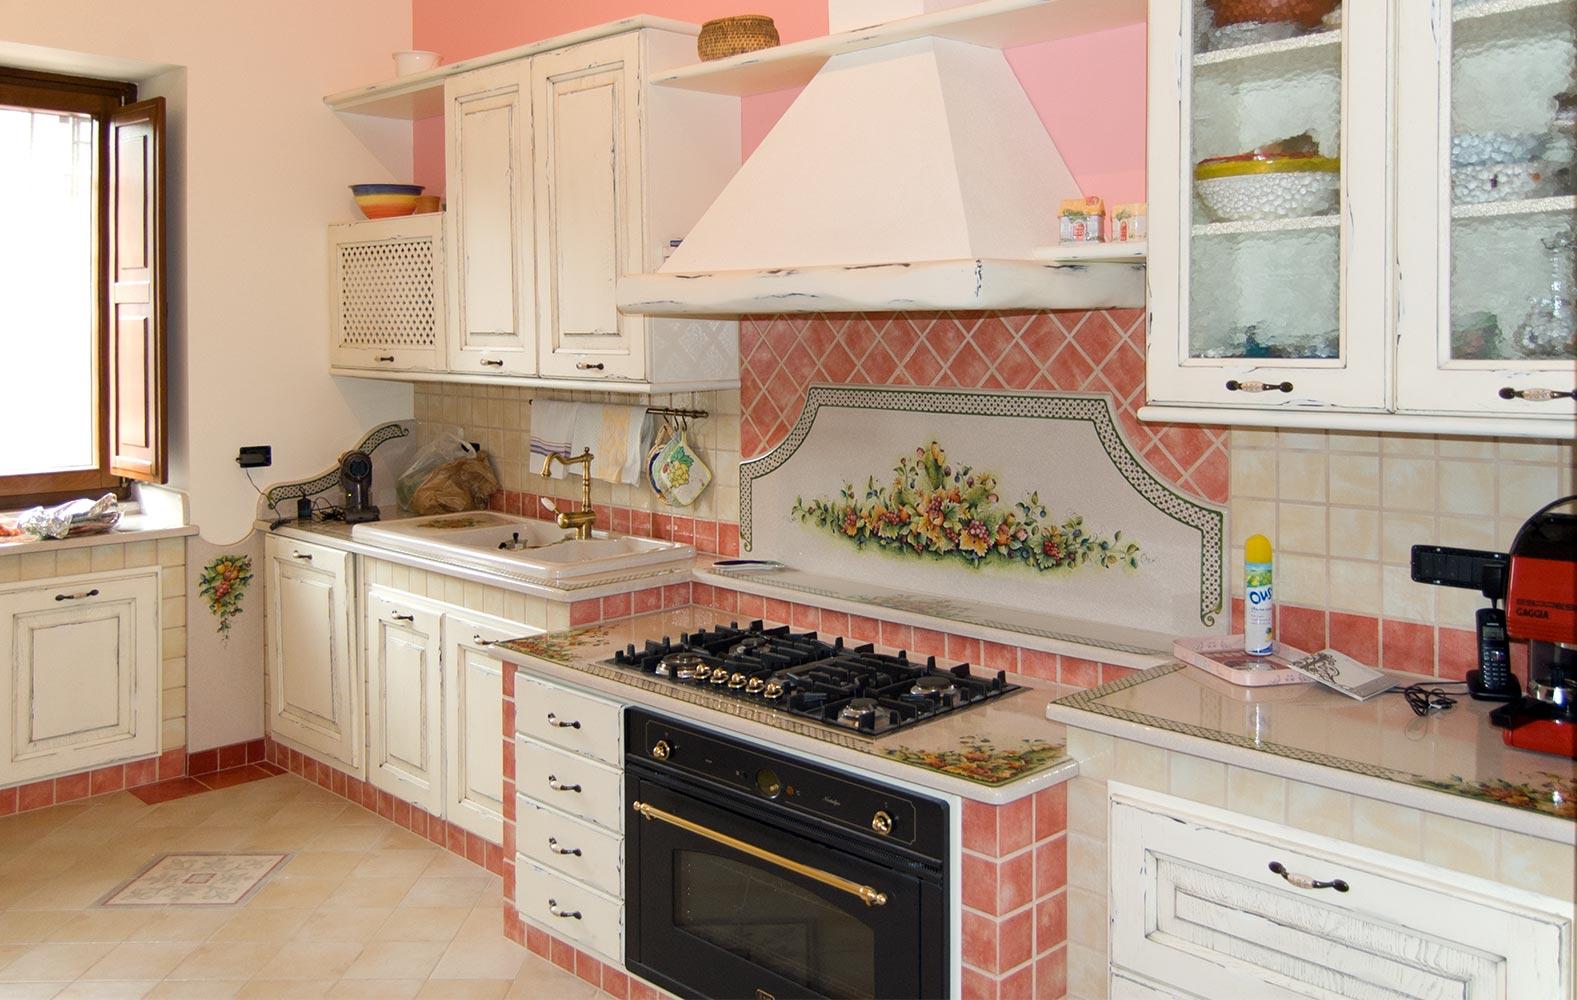 Le cucine rustiche d 39 altri tempi realizzate su misura for Pensili cucina in muratura